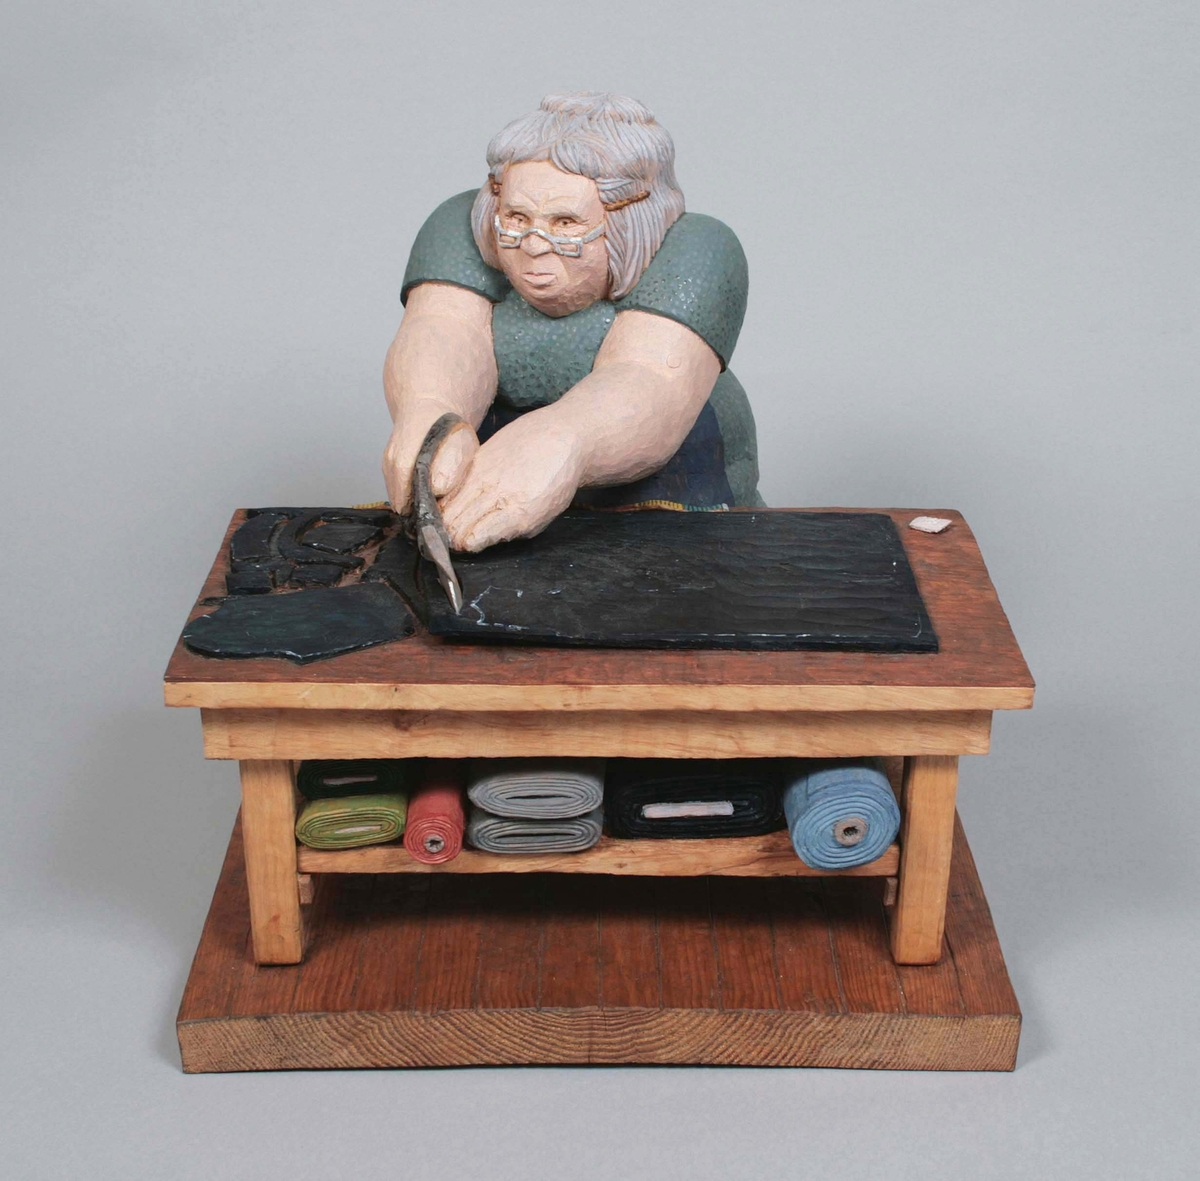 """Skuren och målad träskulptur av al och enträ. Kallad """"Tillskärerska"""". Tillverkad av Larsåke Heed i Målsryd.  """"Min skulptur """"Tillskärerska"""" är skuren ur ett stycke alträ. Saxens skänklar gjorde jag av ene. Tillskärarbordet är gjort i en över- och underdel, också al, som sammafogats med benen och dess tvärgående regel. Överdelen med det tillskurna tyget, måttbandet och kritan är alltså en träbit och hyllan med tygrullarna består av en bit.  På 1950-talet, efter avslutad folkskola, började jag arbeta inom konfektionsindustrin. Min """"Tillskärerska"""" kan väl sägas vara ett minnesfragment från den tiden. Kvinnan har ingen förebild i verkligheten, utan är en sammanställning av olika intryck. Min mor Ella Heed, som var  privatsömmerska, hade ett liknande bord i sitt arbetsrum. Hon sydde företrädesvis klänningar, var nogrann och kunnig i att få en bra passform på  kläderna, även om beställarna oftast var långt ifrån några mannekängtyper. I kundkretsen ingick en del """"finare"""" damer, (andra hade väl sällan tid och råd) som anlände i blänkande """"mercor"""", med uniformerade privatchaufförer, som bar väskor med tyger och modejournaler.  På fabrikerna såg man både manliga och kvinnliga tillskärare. Ofta var de specialiserade på en produkt, exempelvis skjortor, byxor eller jackor. Männen hade för det mesta en så kallad svalrock, som skyddsklädsel. Alternativet var att vika en stuvbit dubbel och knyta om midjan med ett  band, som ett förkläde, vilket i regel kvinnorna gjorde. Det syntes som om man utvecklade ett revir kring sitt område, med bord, redskap, maskiner,  mönster o.s.v. Trägolven blev nötta av fötters trampande på samma ytor genom åren, så att de hårdare kvistarna stack upp som bulor ur brädorna. Unika kulturer växte fram på varje arbetsplats beträffande vanor och beteenden, alltifrån var man hade för vana att ställa sin cykel på måndagsmorgonen, eller var man brukade knacka ur sin pipa, till vitsigheterna vid frukostrasten på lördagen, inför förväntningarna på den kommande hel"""